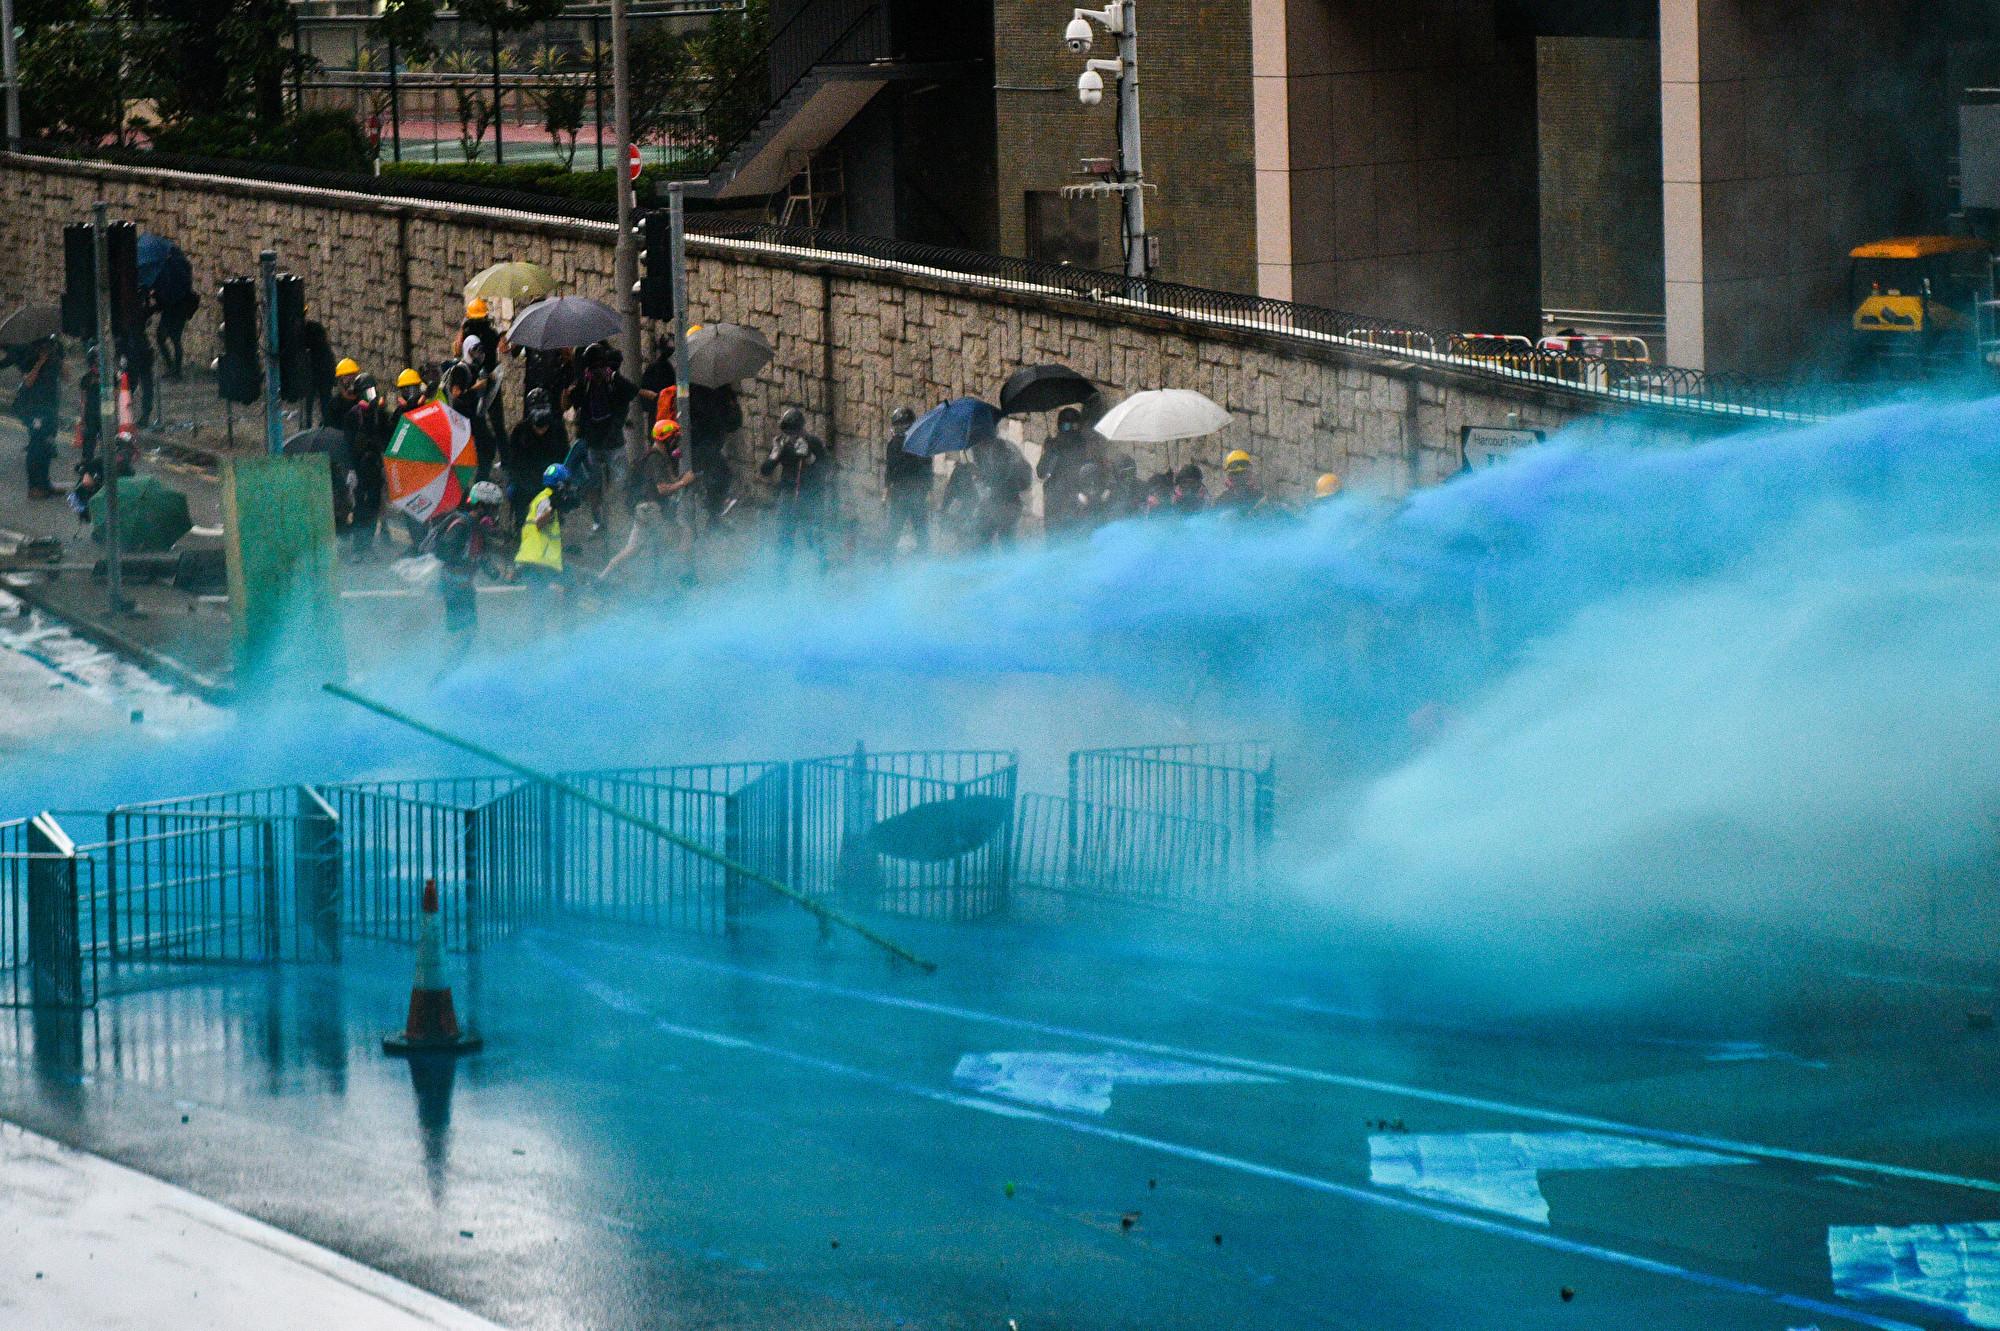 8.31反送中 港警首次用藍色液體追蹤示威者